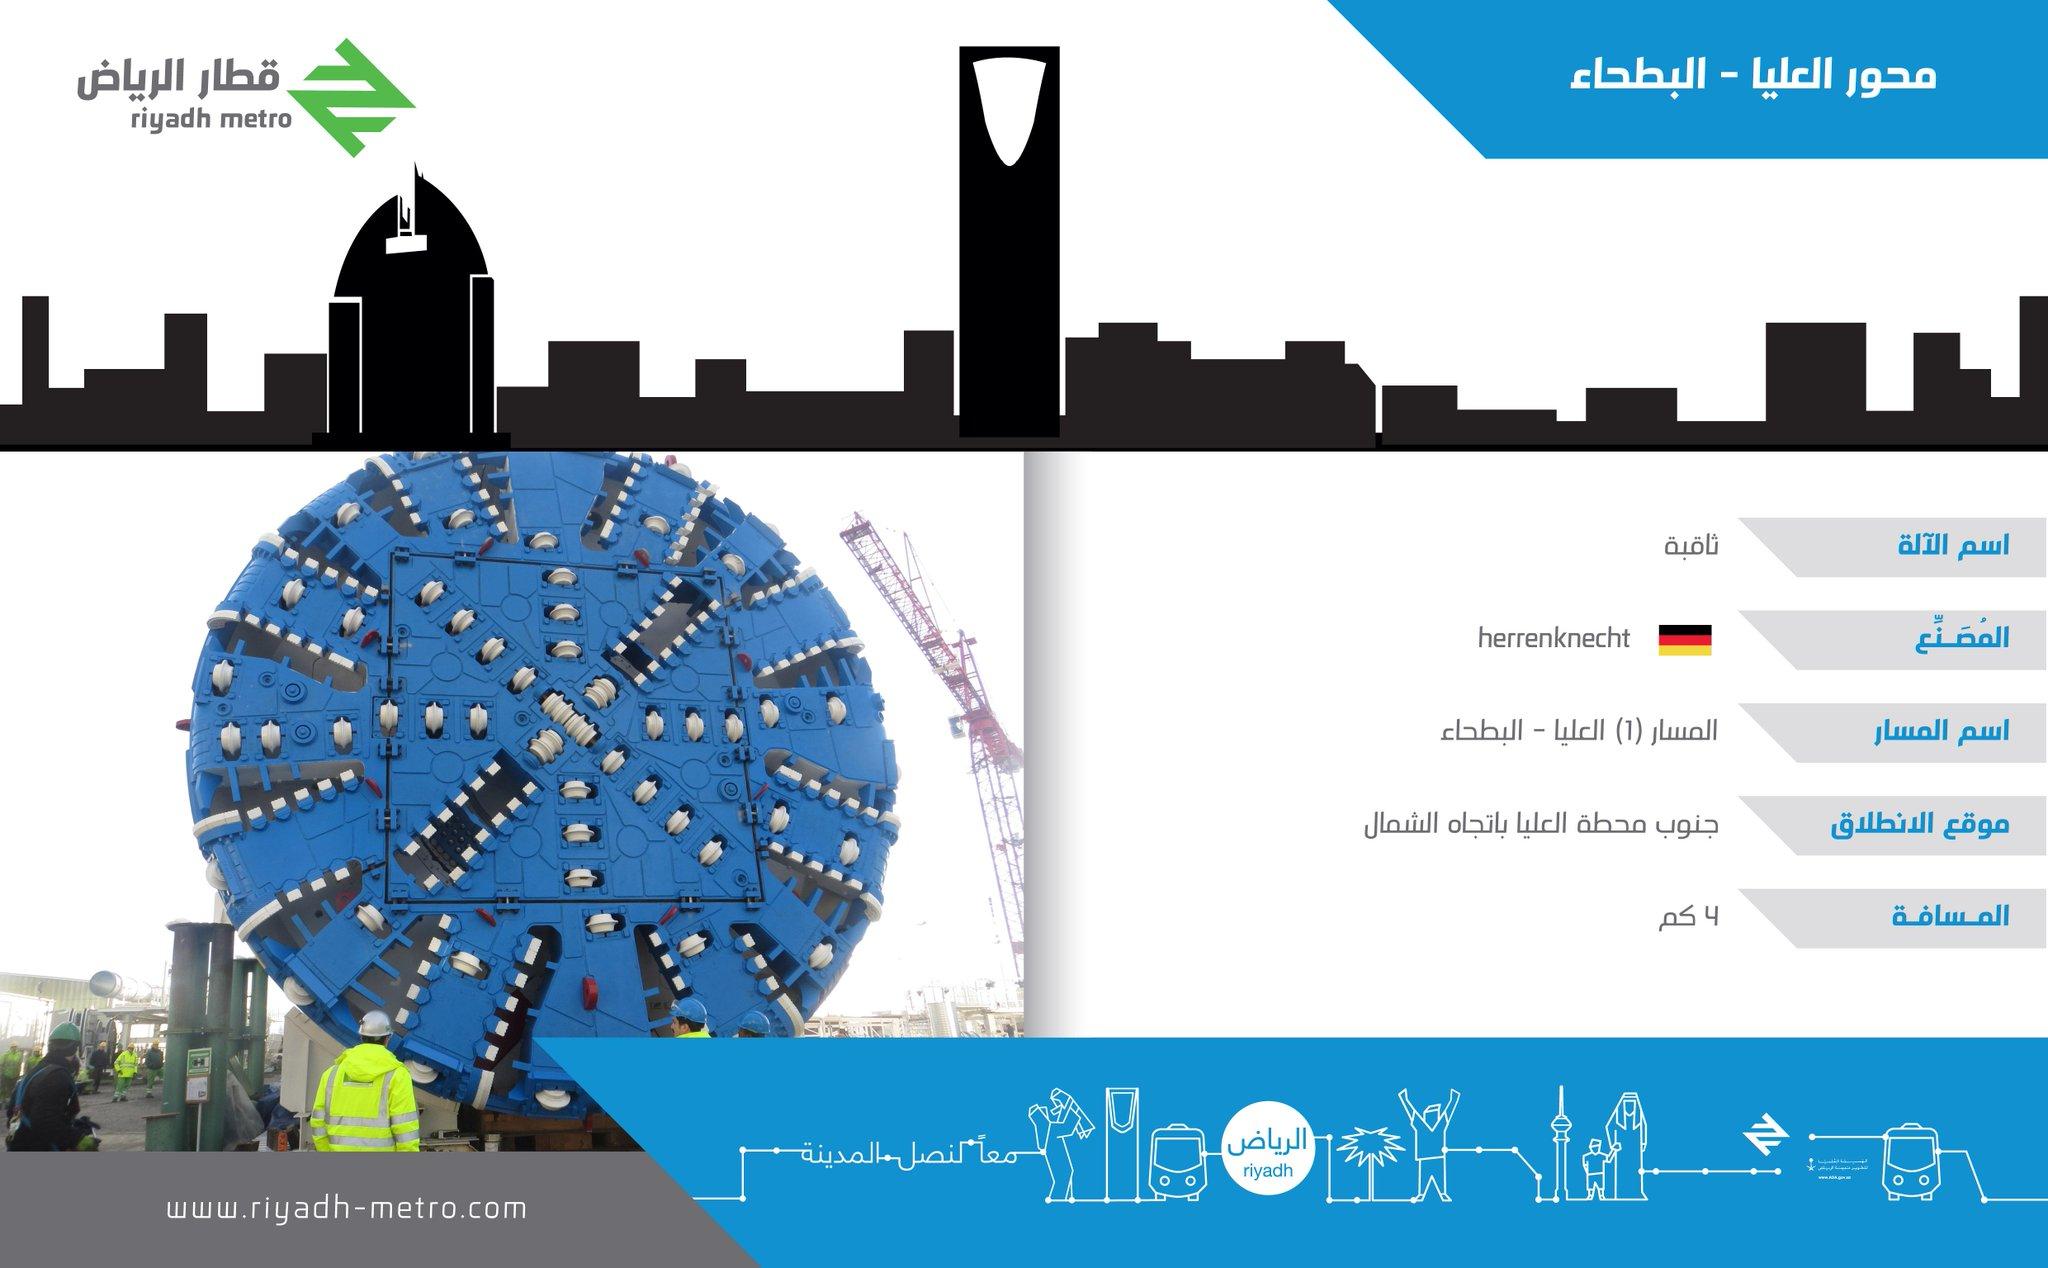 السعوديه دولة عظمى وفي طريقها الى العالم الأول  - صفحة 3 CD1TmAgUgAAKOTc